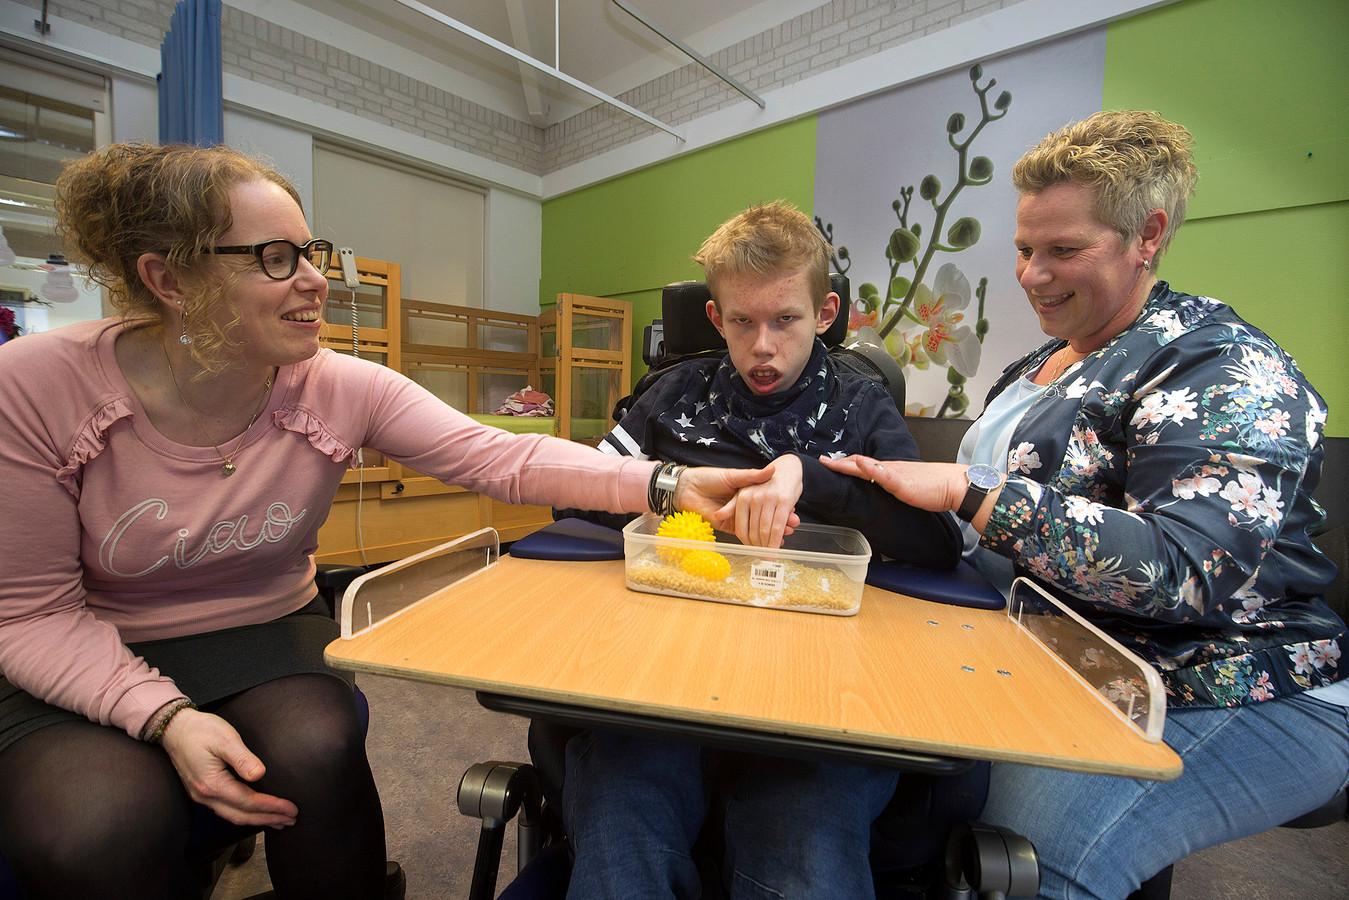 Les aan ernstig meervoudig gehandicapte kinderen is geen vanzelfsprekenheid. Foto: Theo Kock